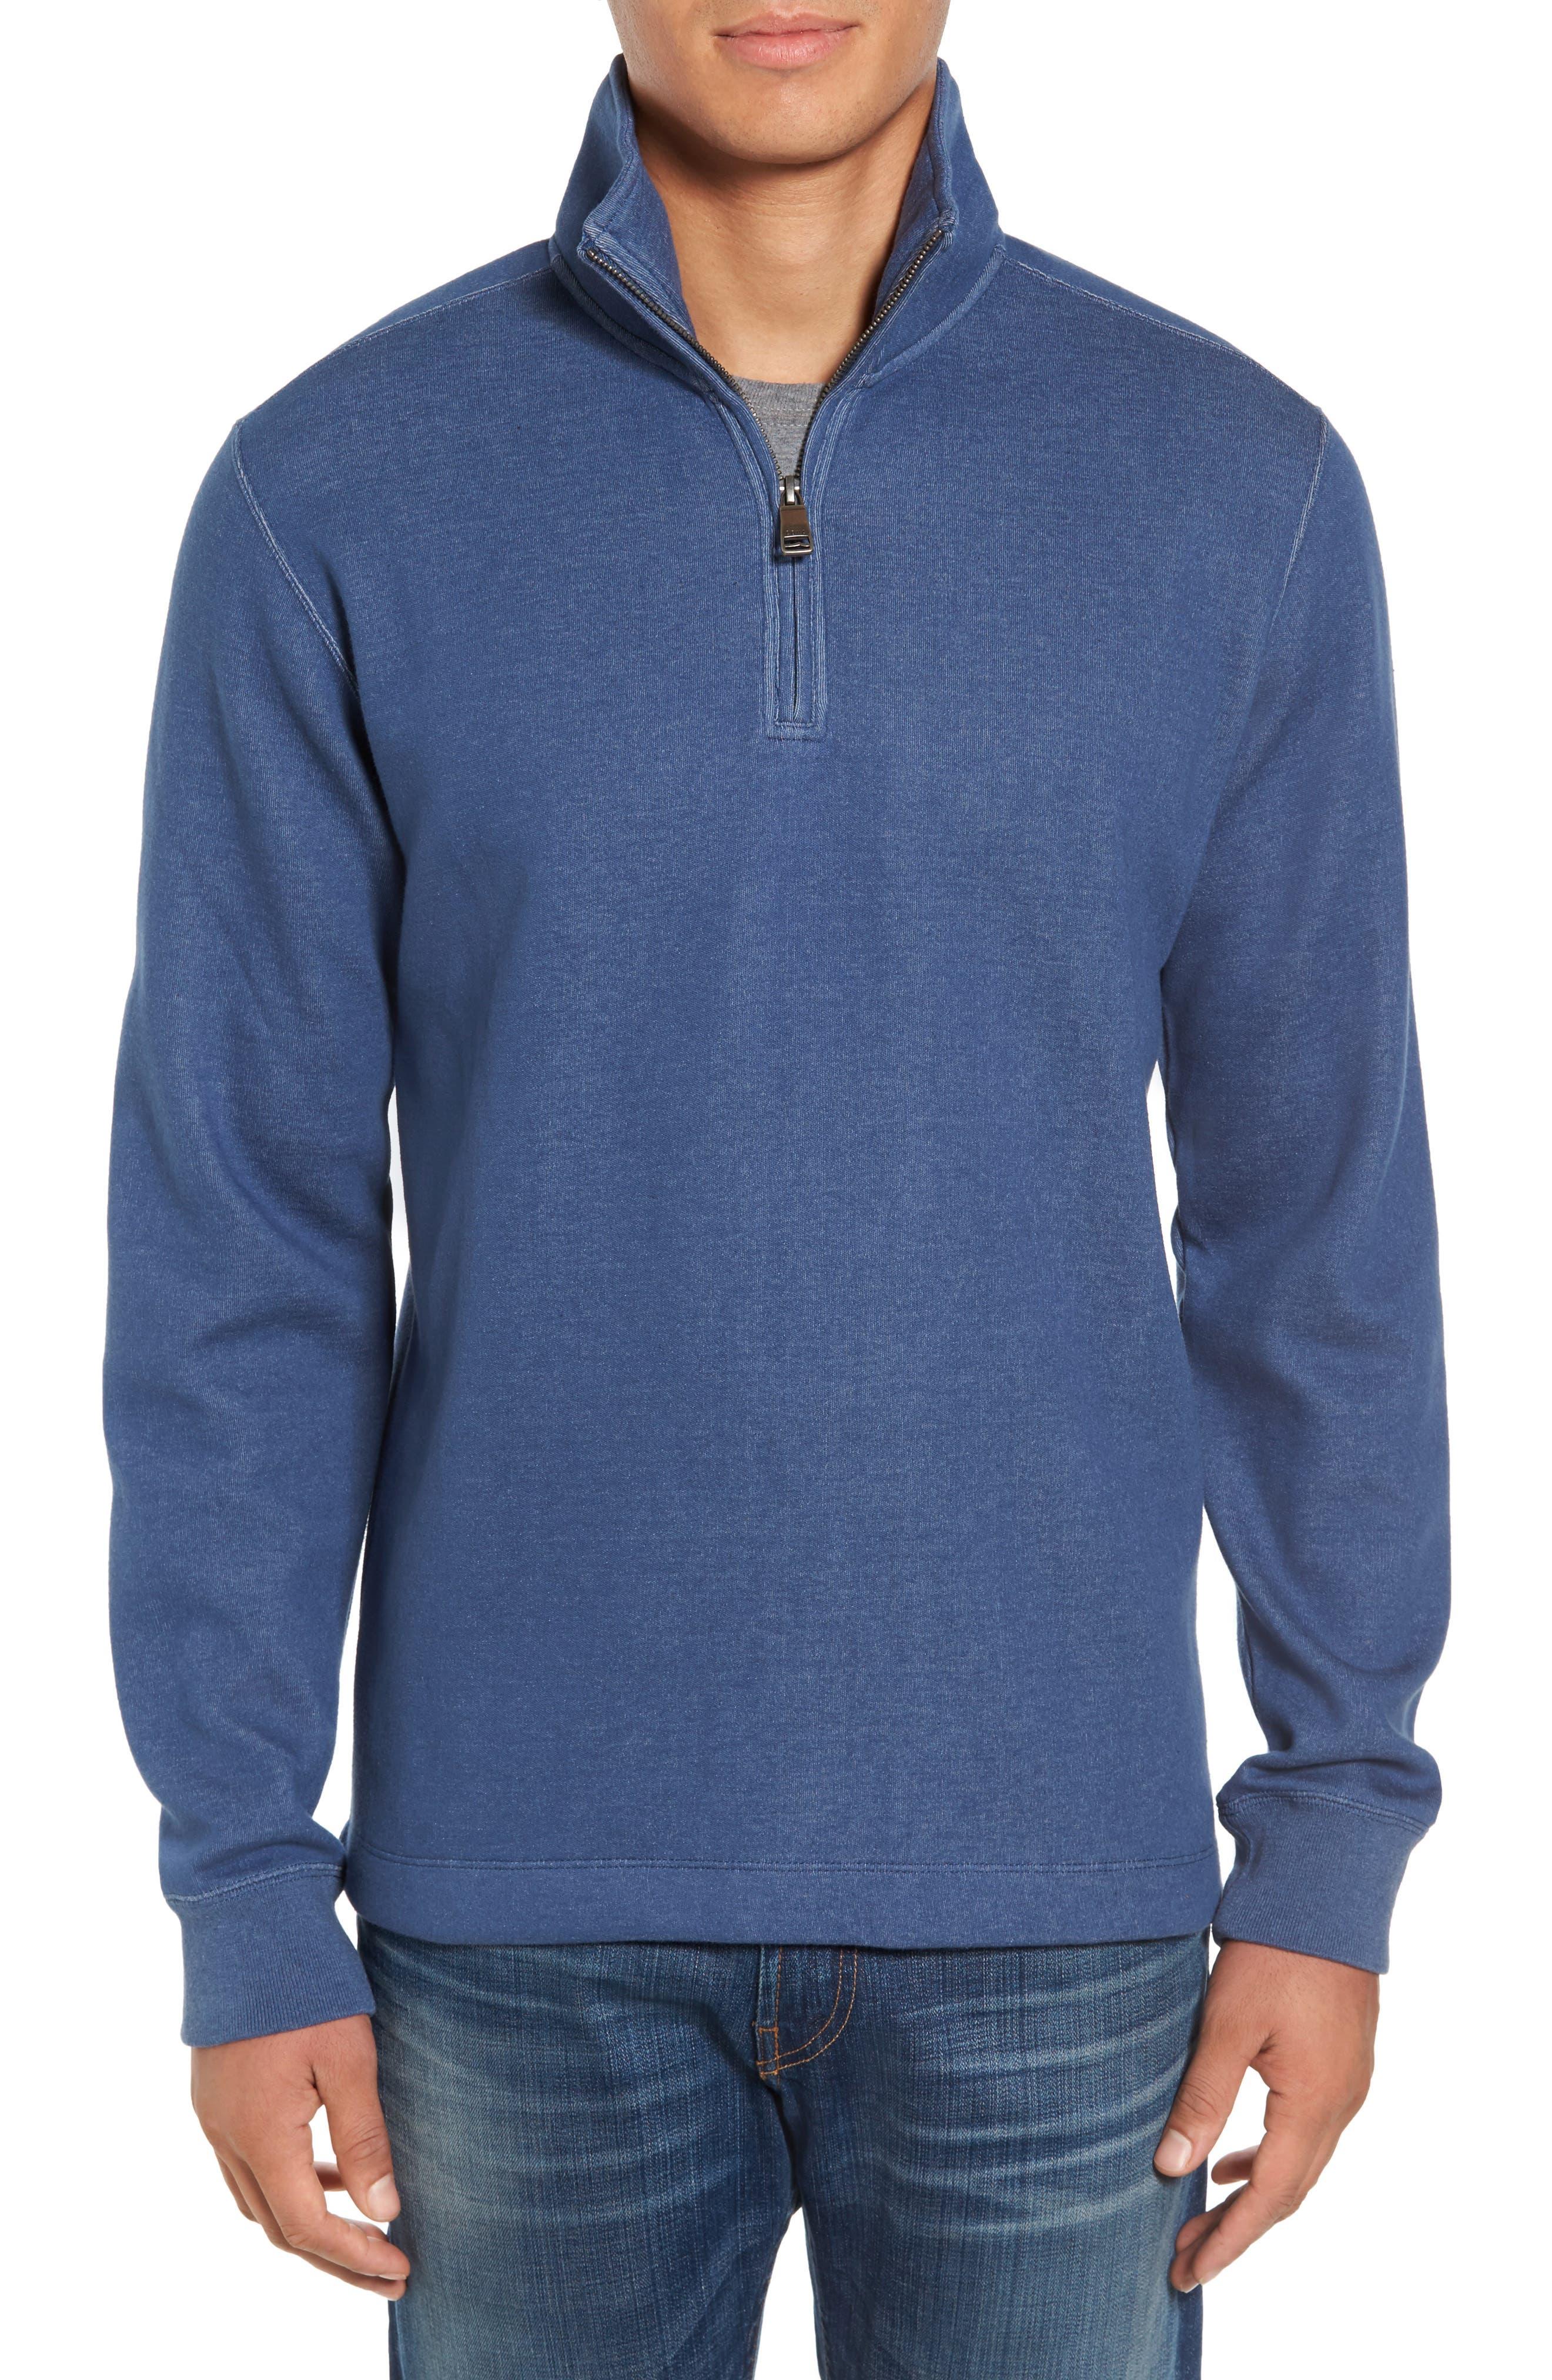 Cova Upper Deck Half Zip Pullover